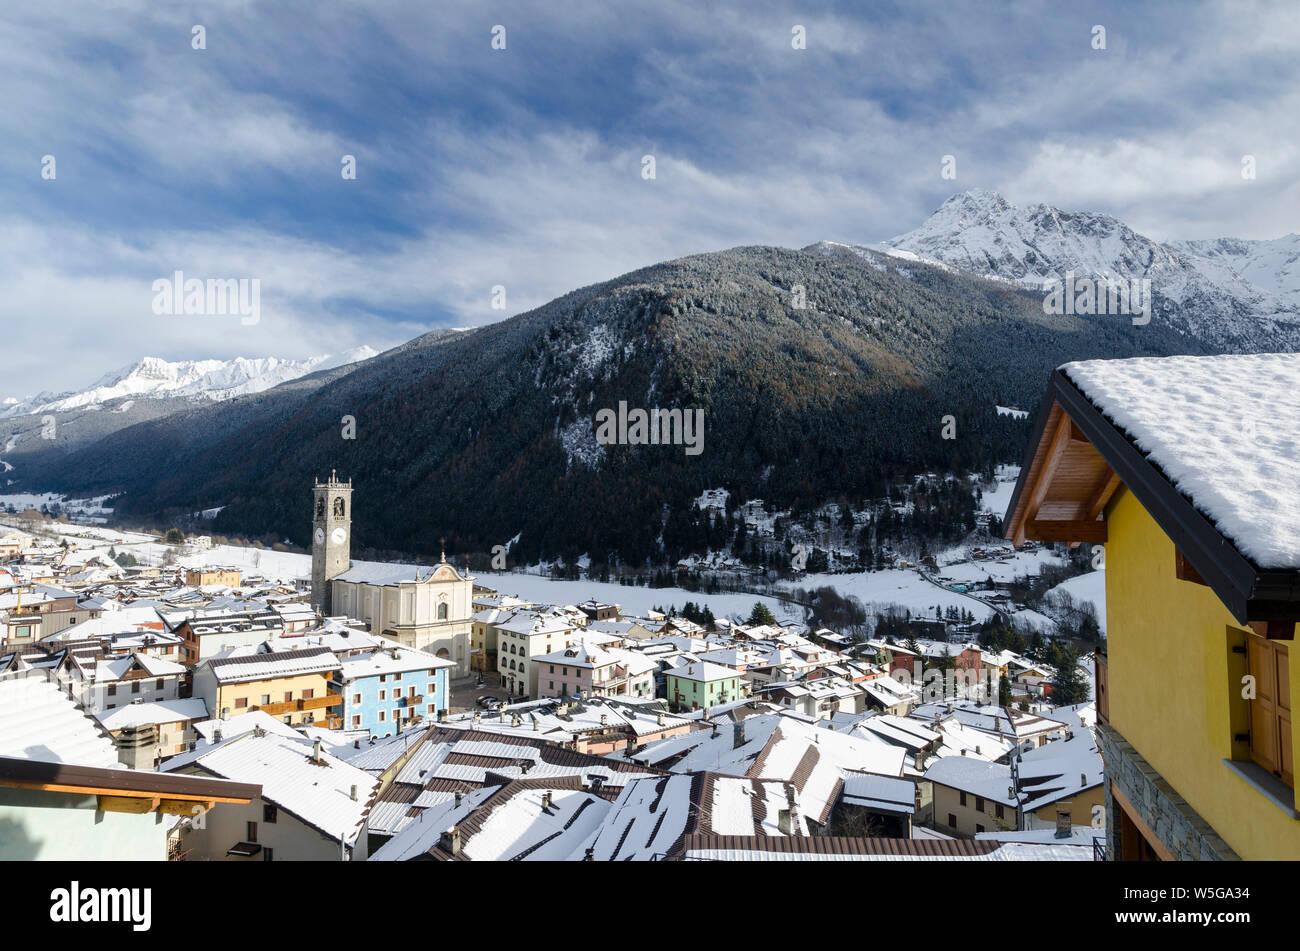 Italy, Lombardy, Retiche Alps, Camonica Valley, Adamello Regional Park mountains and Temù-Ponte di Legno ski area from Vezza d'Oglio (fg.: San Martino Parish Church and Mt. Pornina) Stock Photo